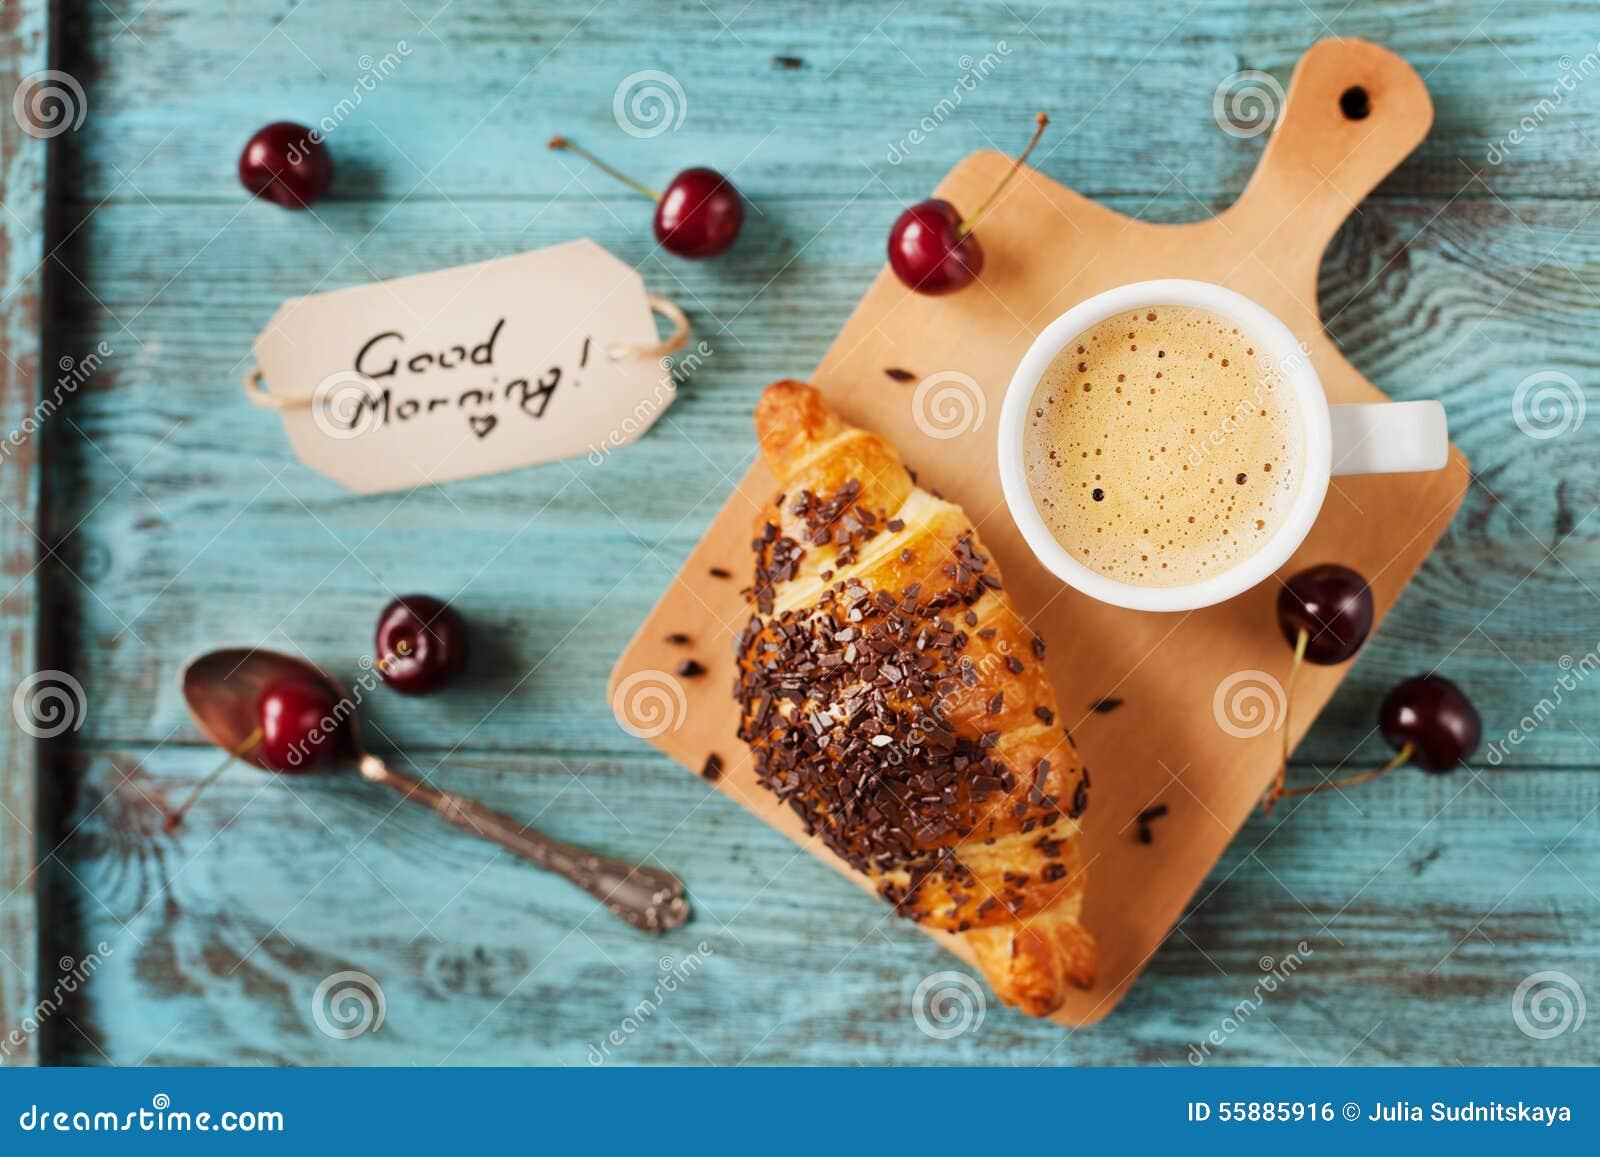 Smakowity śniadanie z świeżym croissant, kawą, wiśniami i notatkami na drewnianym stole,